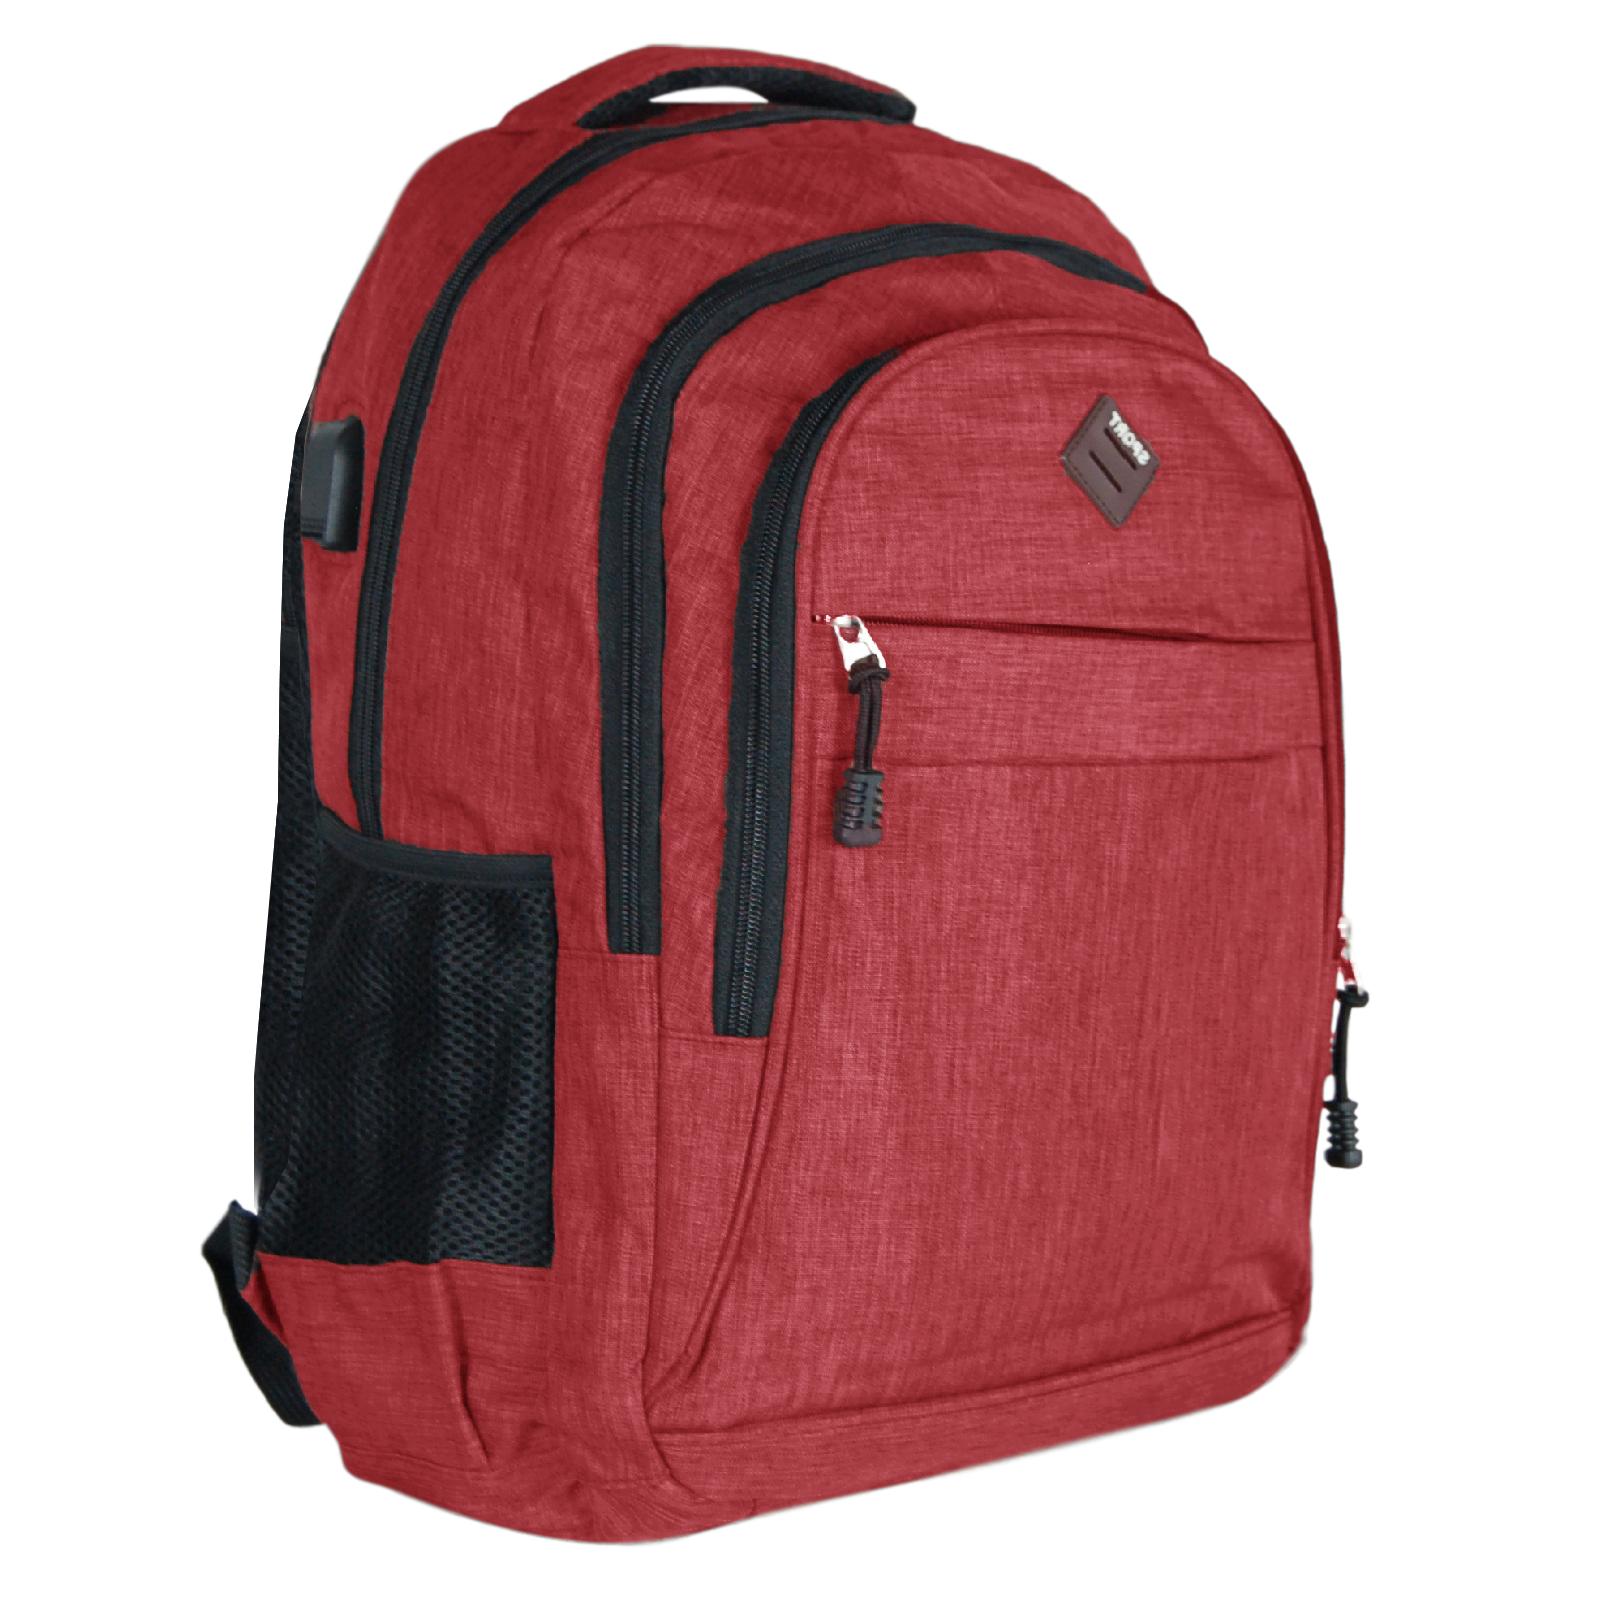 Zaino-Uomo-Donna-Porta-USB-Multitasche-Viaggio-Rosso-Blu-Nero-Grigio miniatura 30